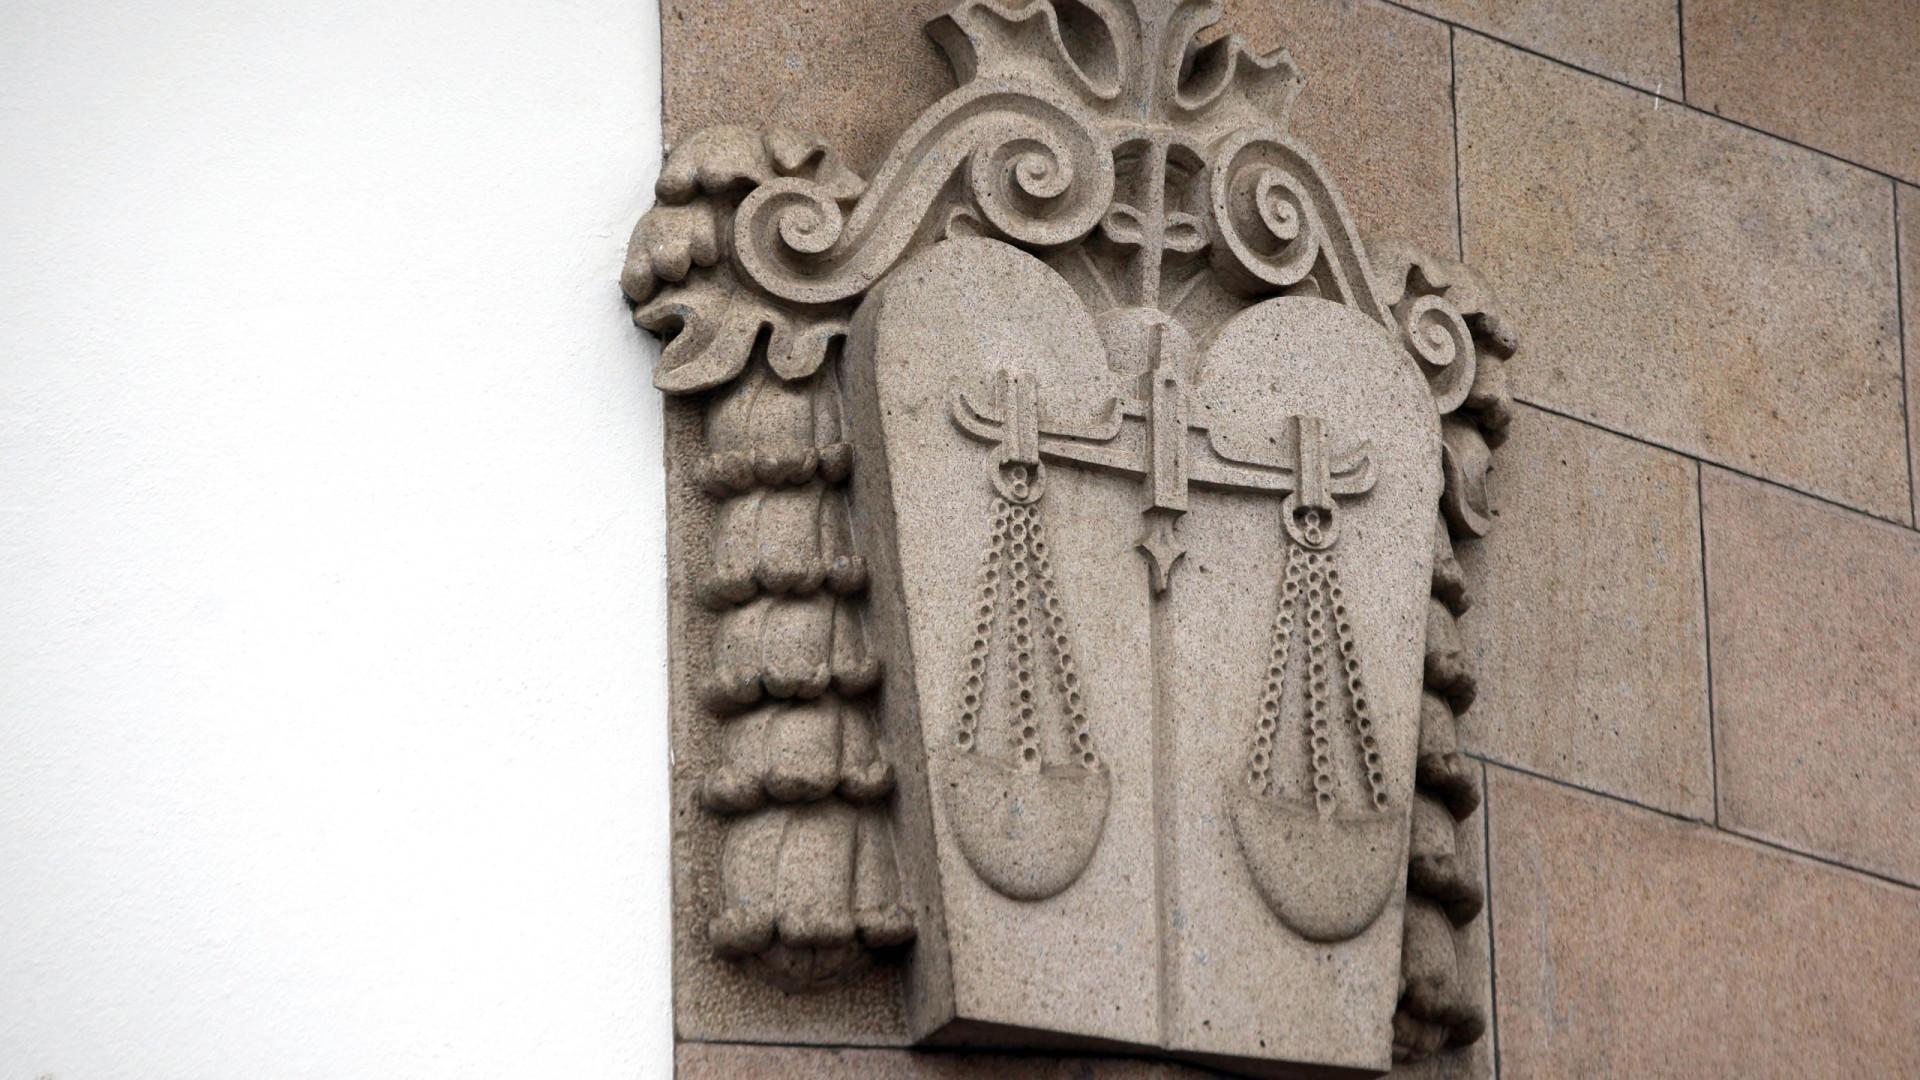 Moeda falsa dá prisão preventiva para quatro dos 11 detidos em Cuba